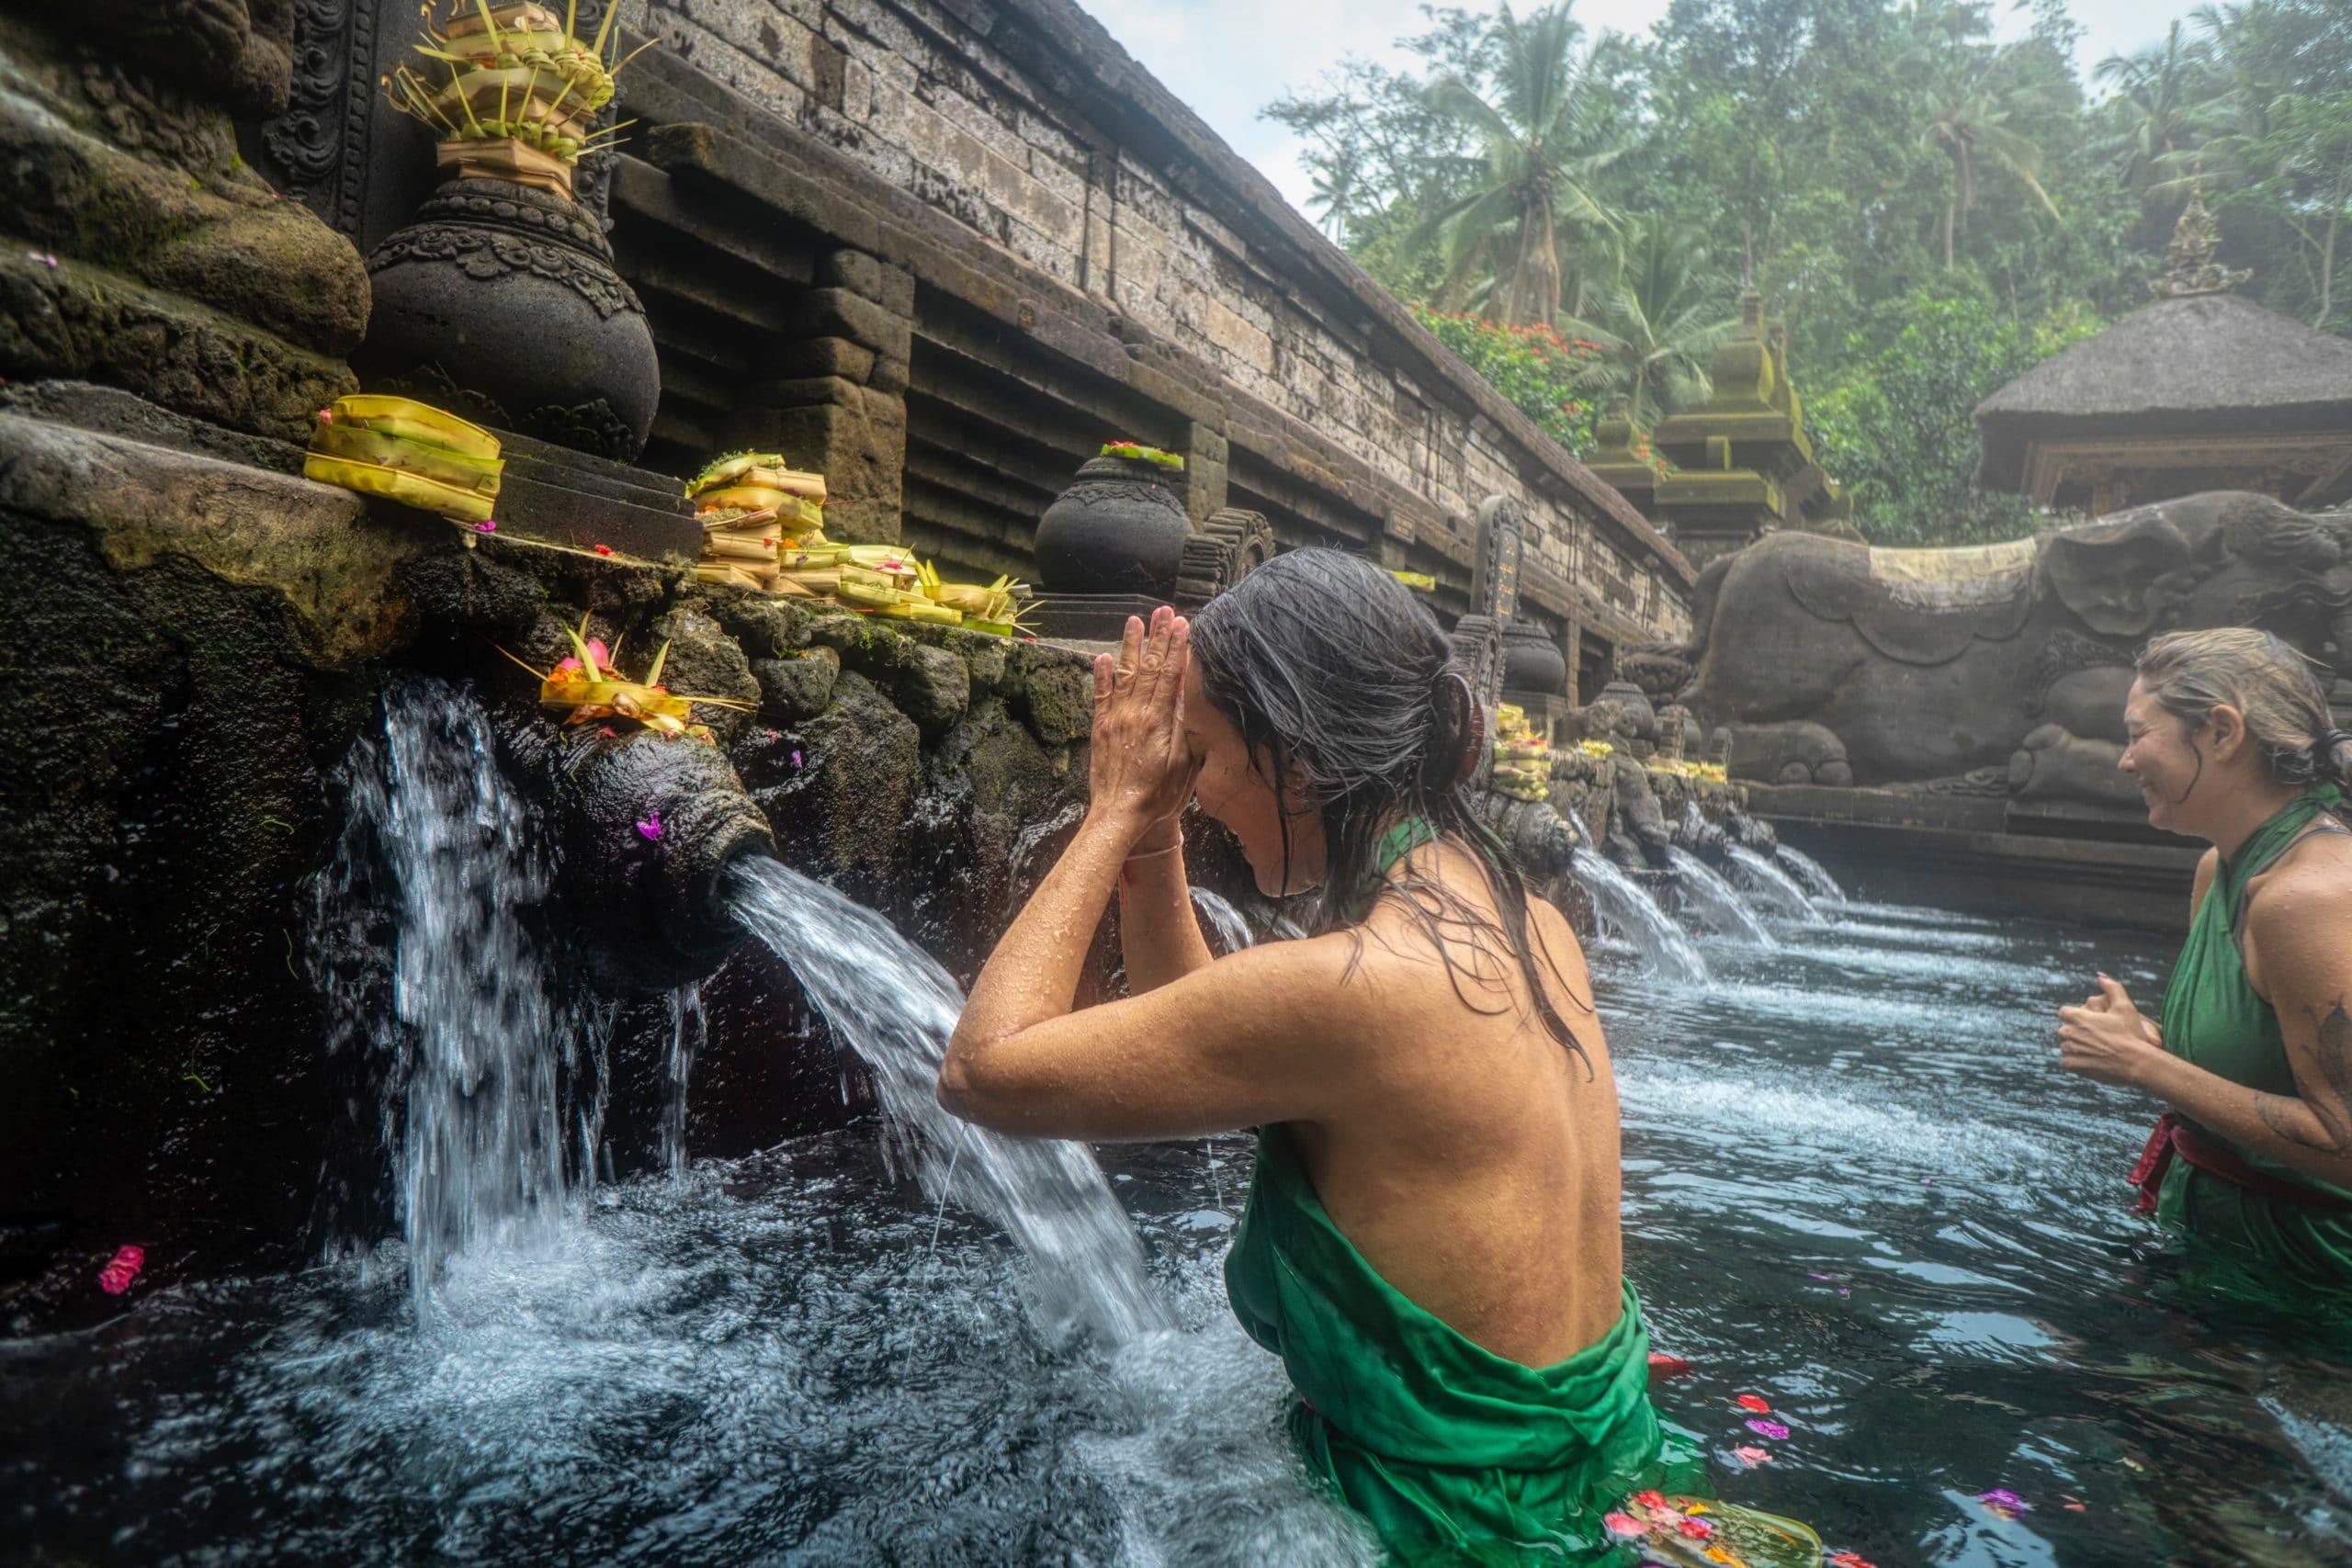 Mulheres tomando um banho espiritual em um templo.